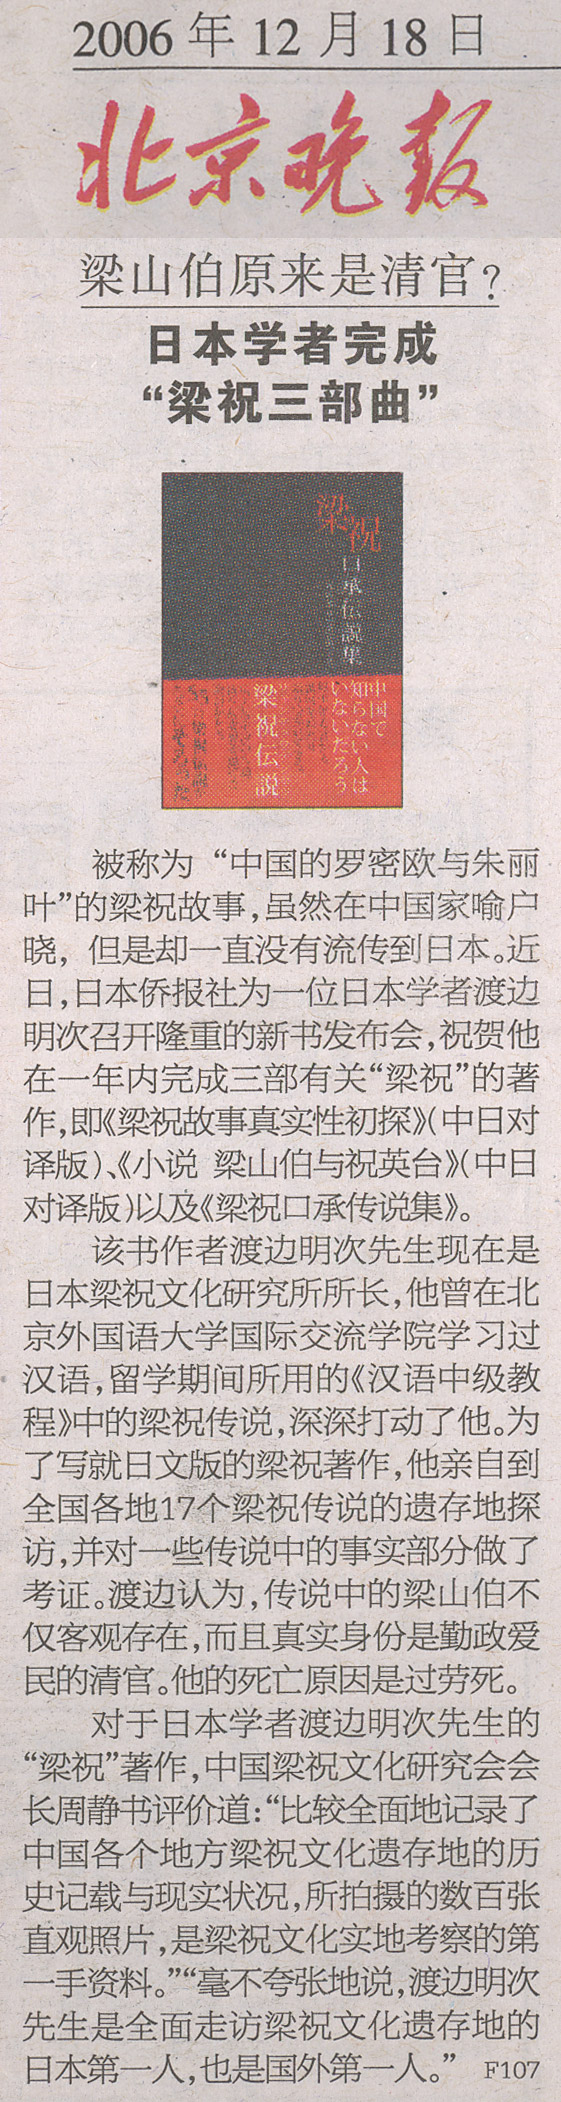 """旧聞新録 日本学者完成""""梁祝三部曲"""" 北京晚报に掲載_d0027795_1435181.jpg"""